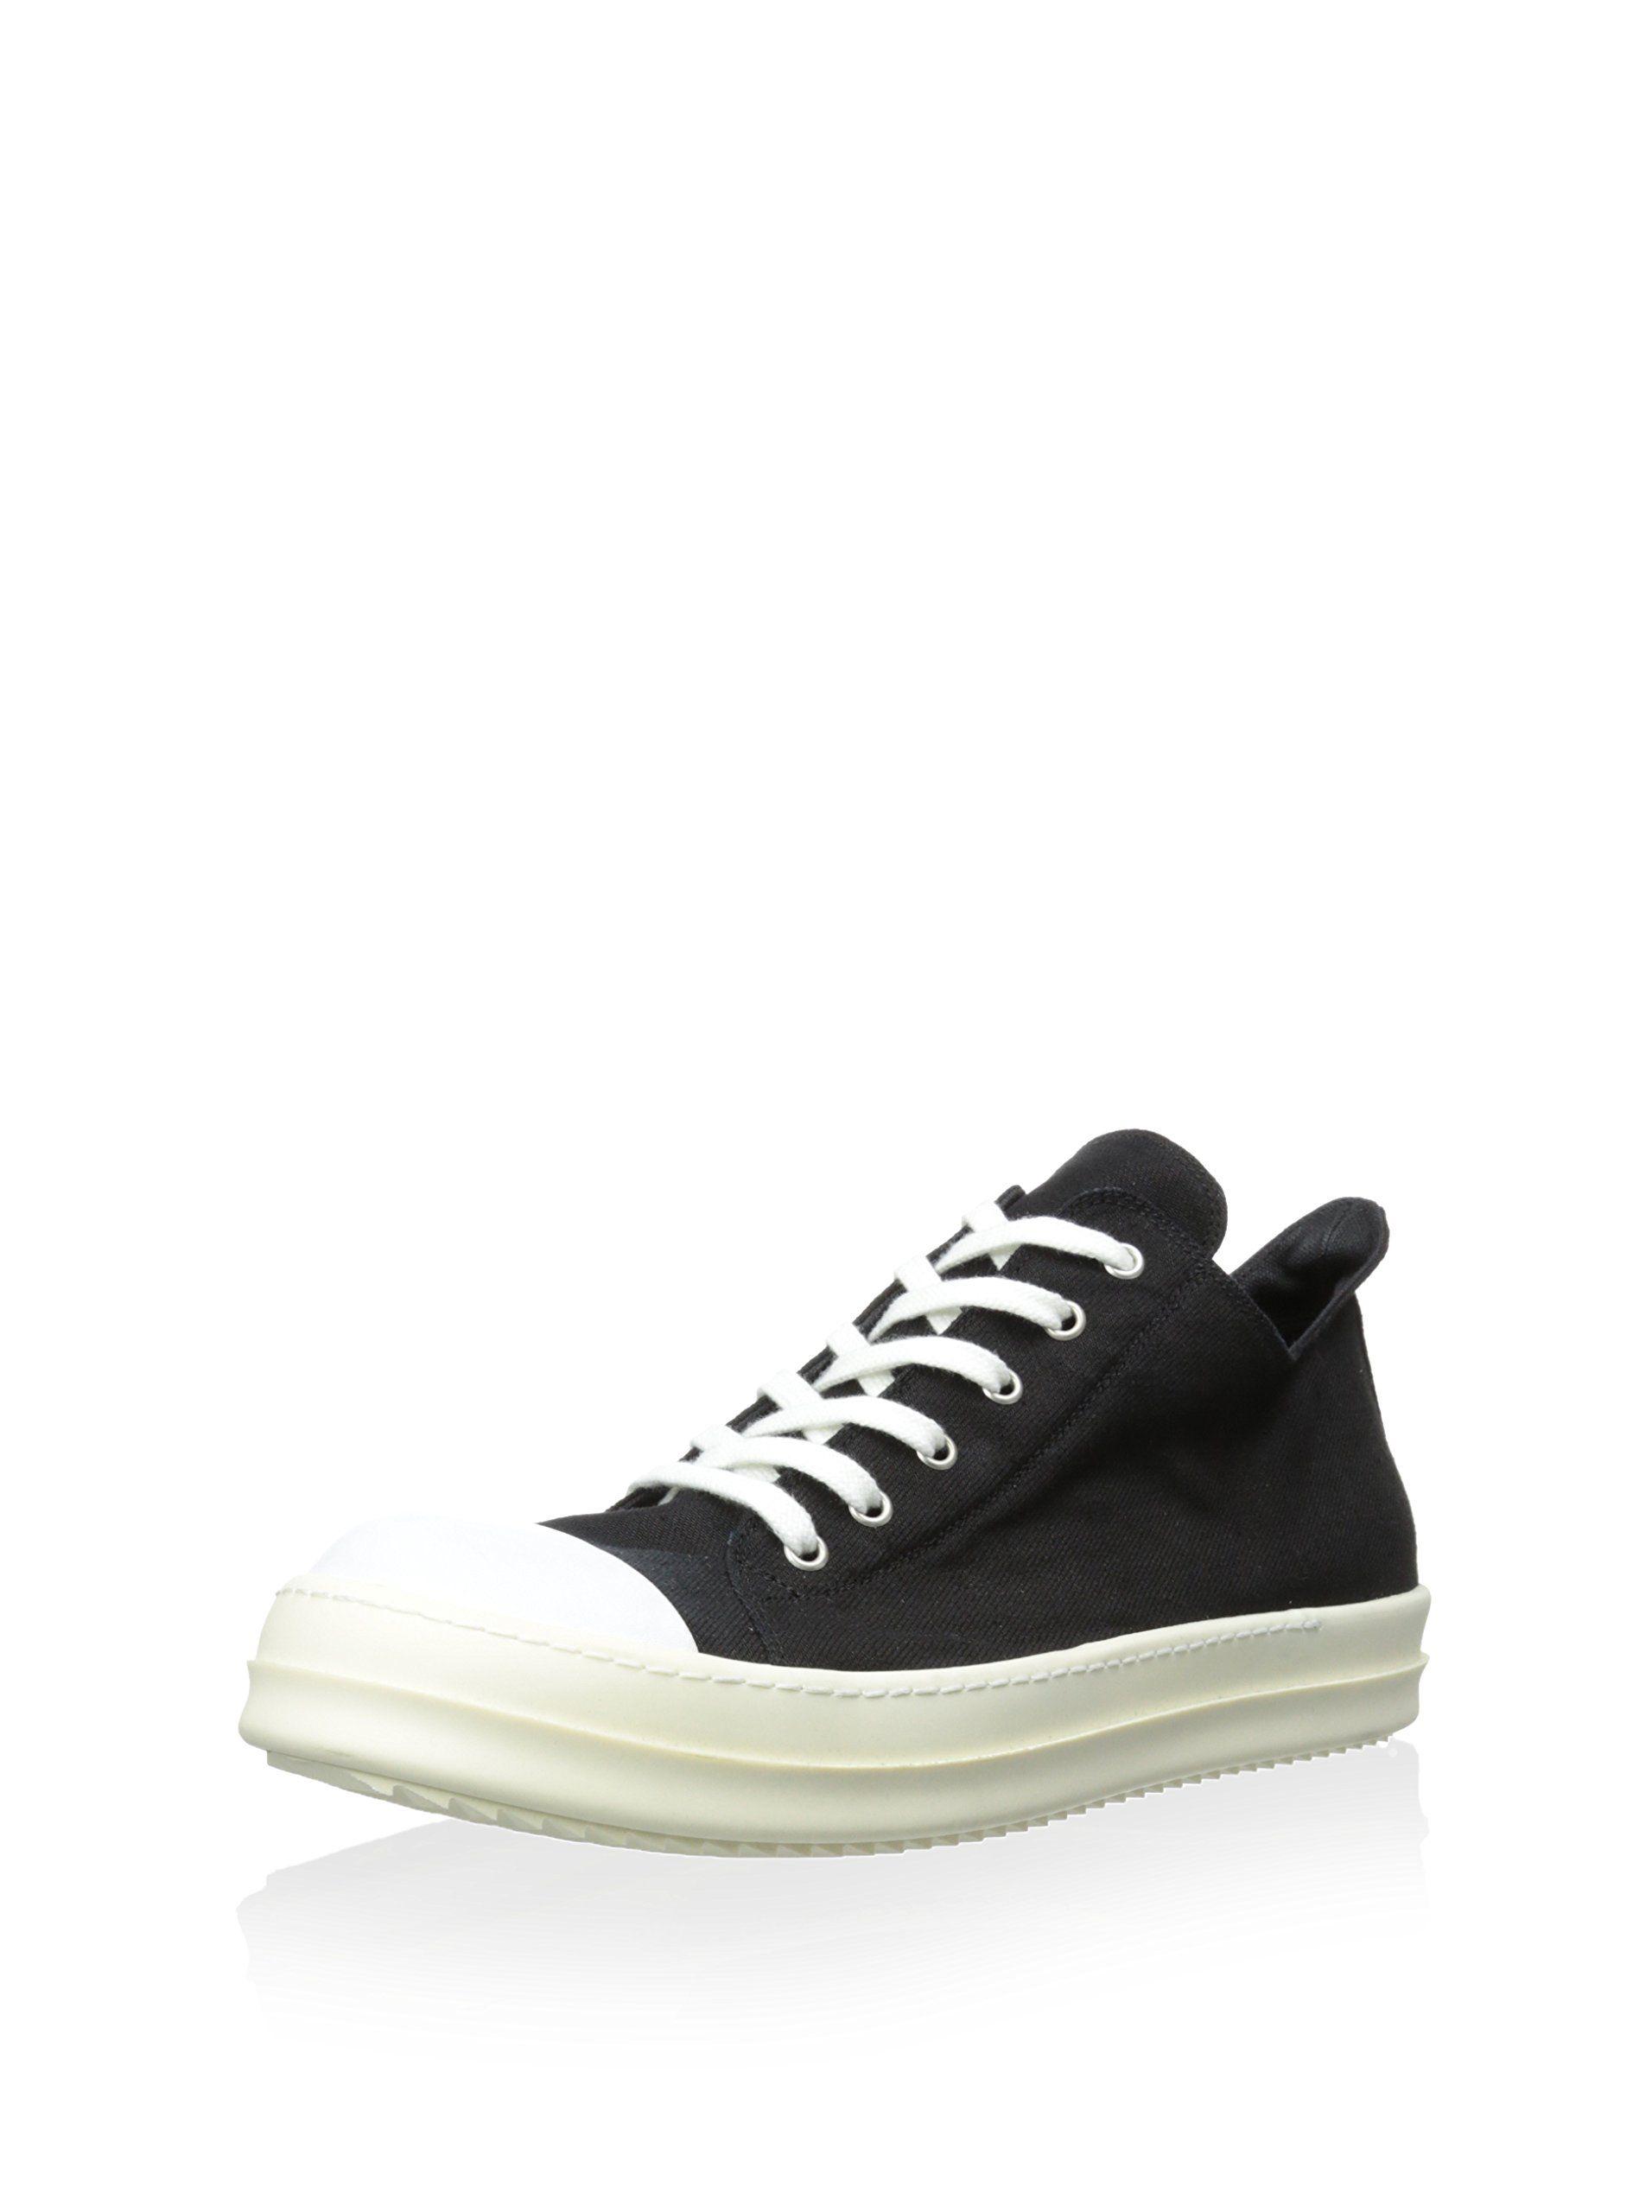 345acfae6160  319 - Rick Owens DRKSHDW Men s Low Ramones Sneaker at MYHABIT ...